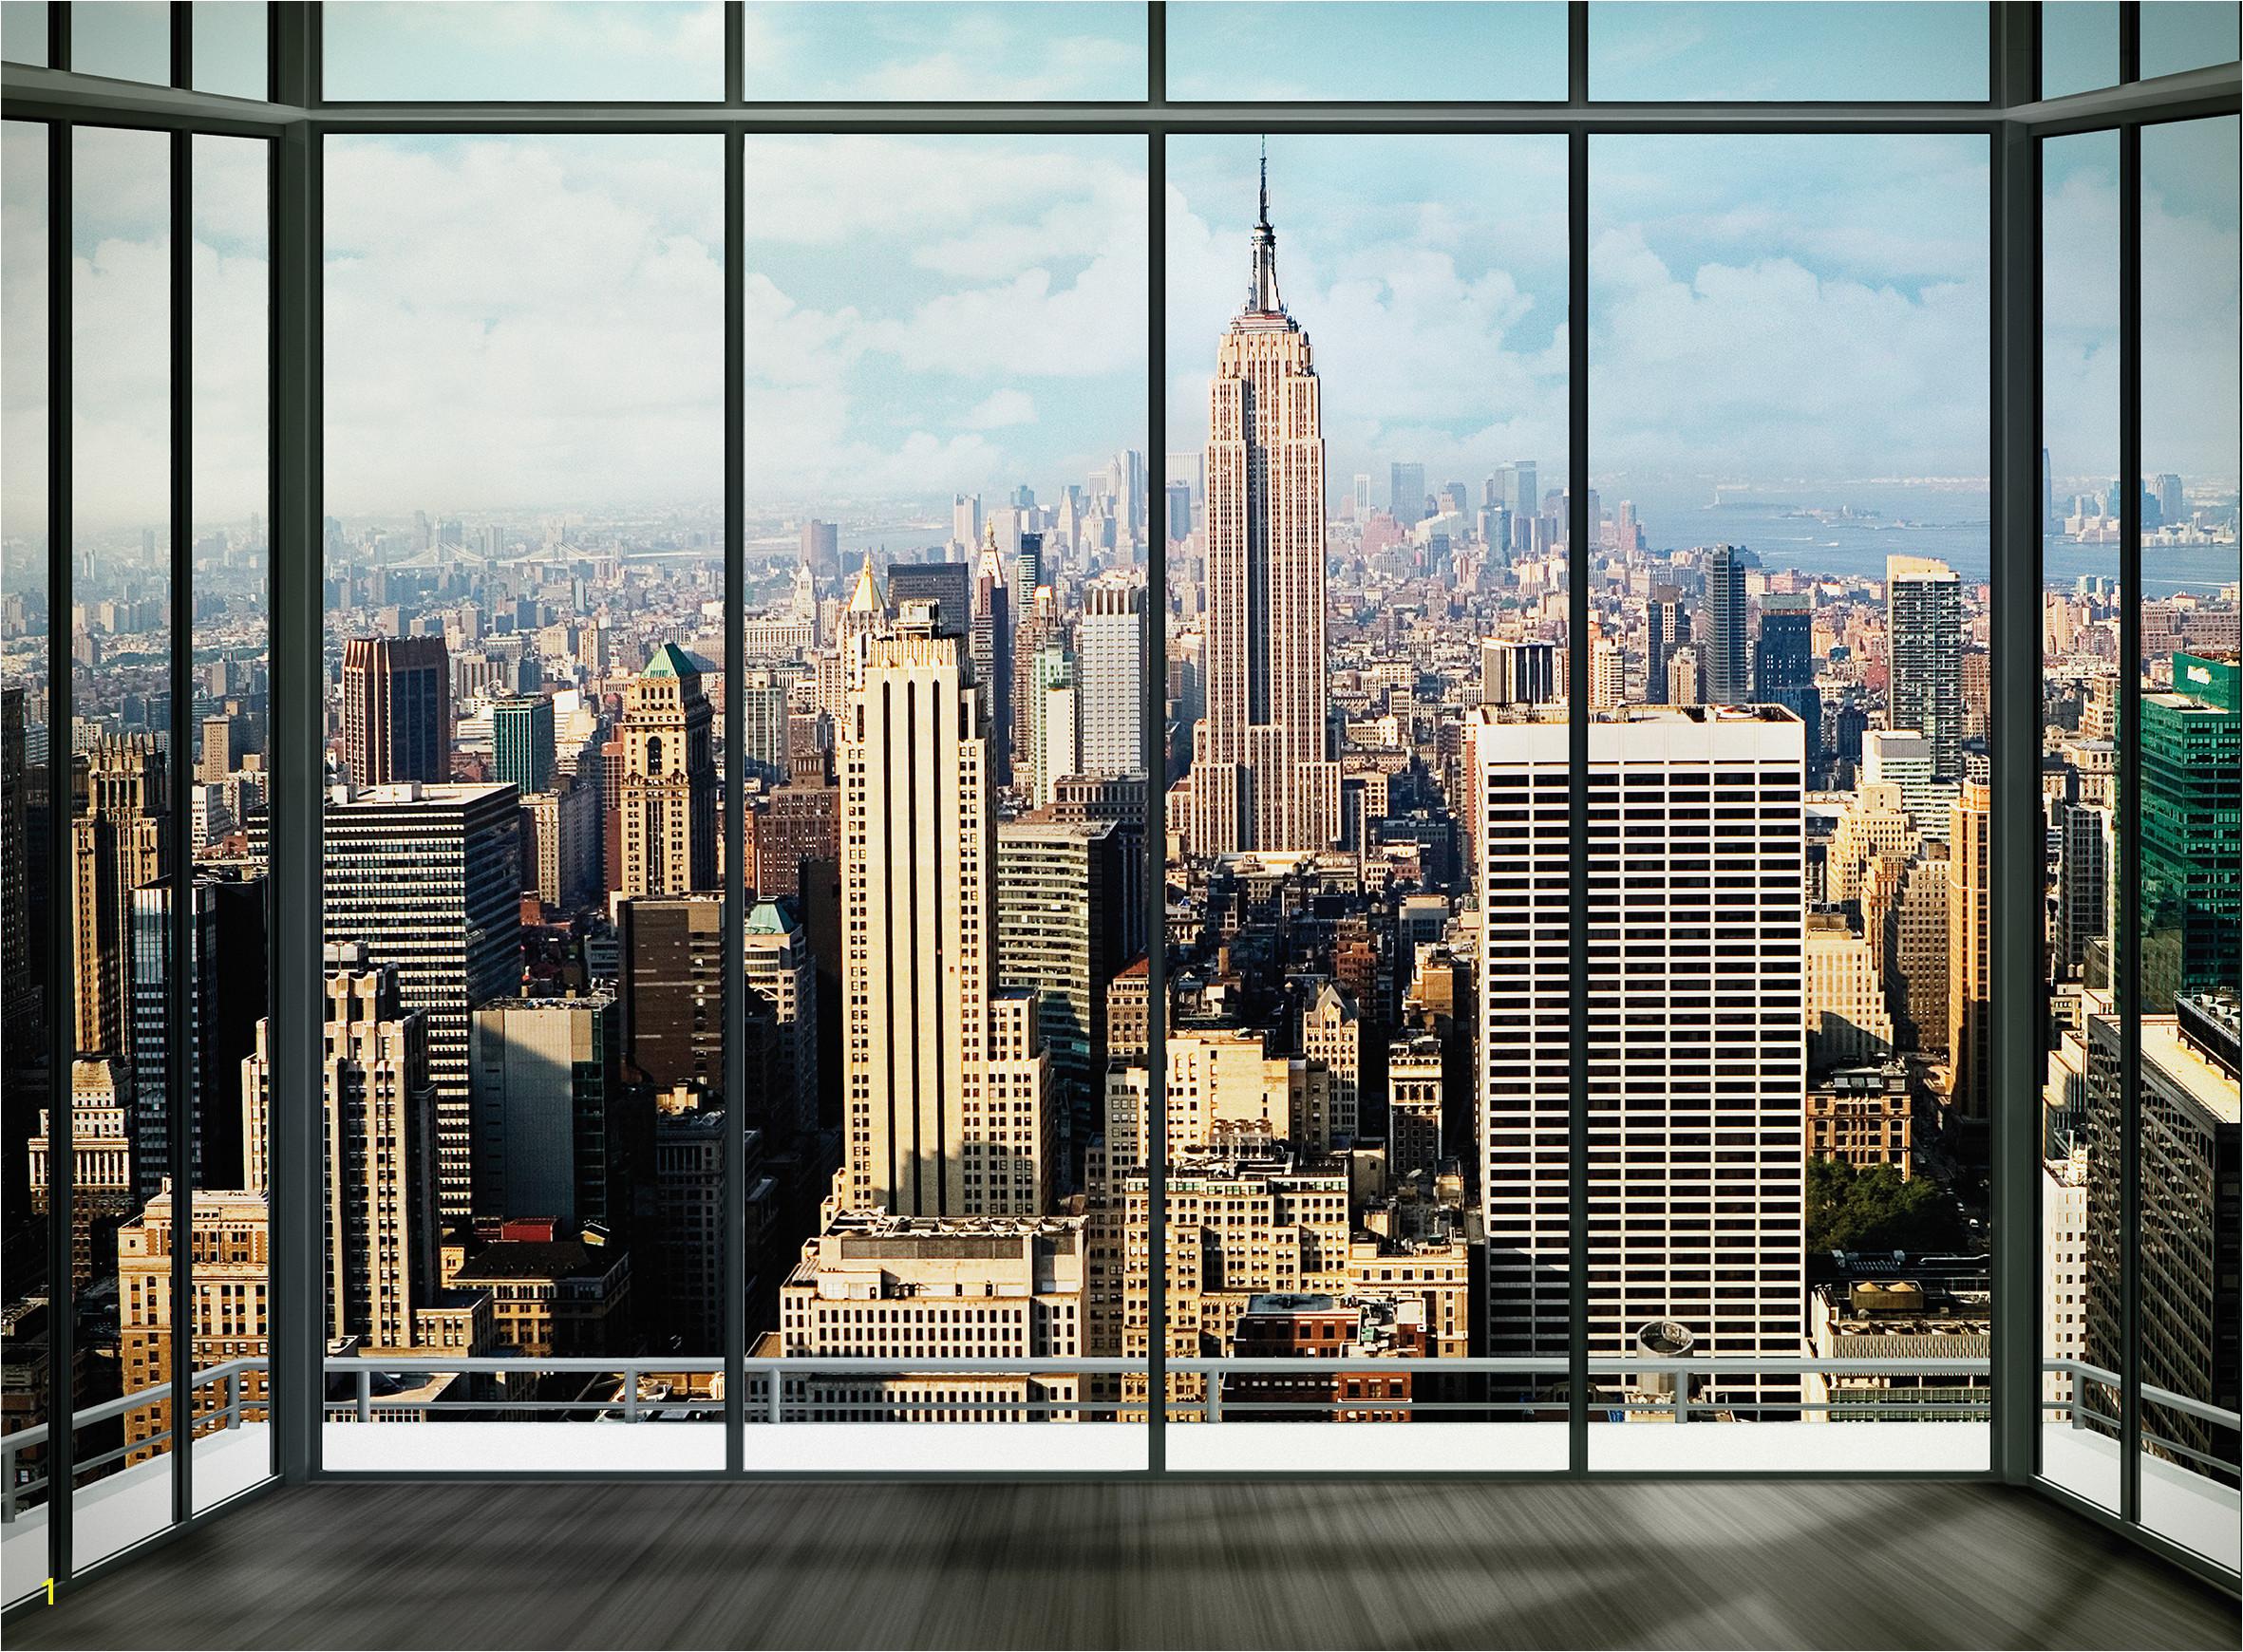 Wallpaper Murals Wall Mural New York Skyline Window 2362x1740